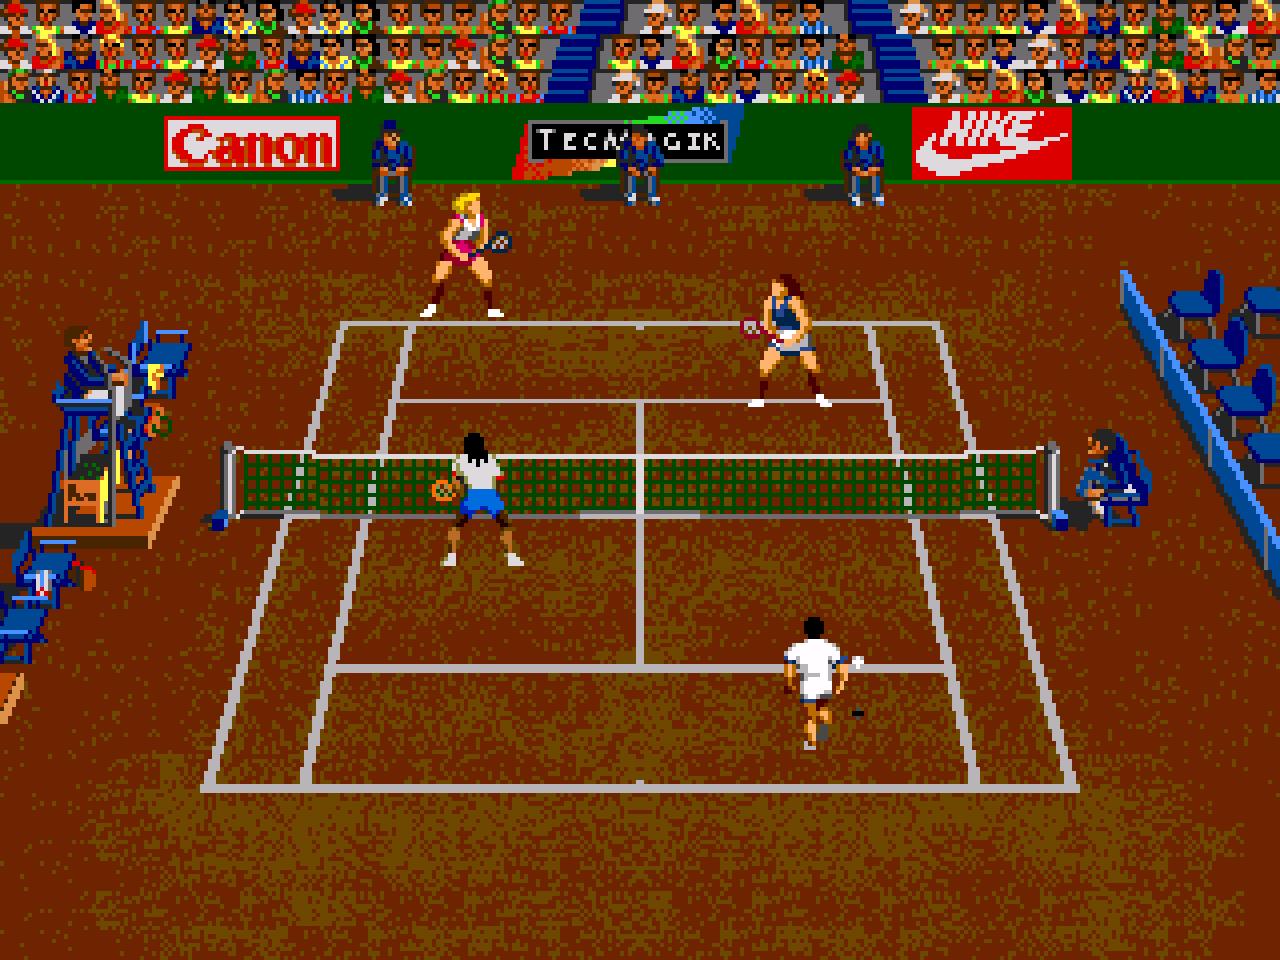 Resultado de imagem para andre agassi tennis game